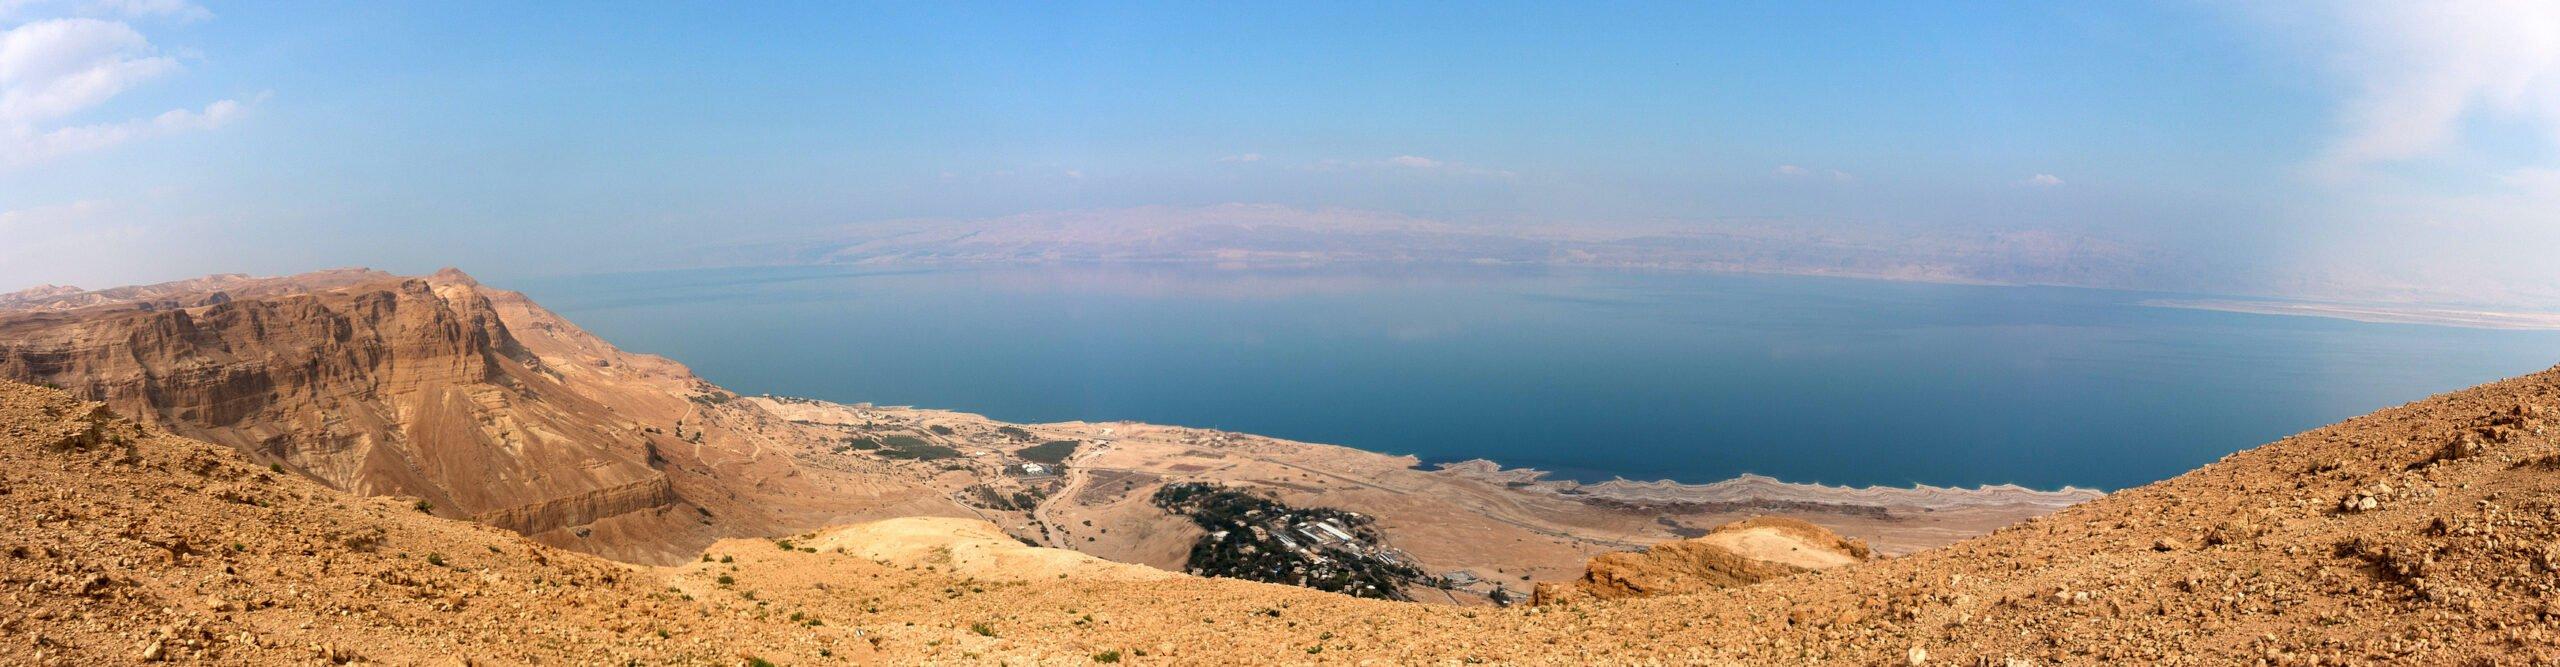 Dead-sea-and-masada